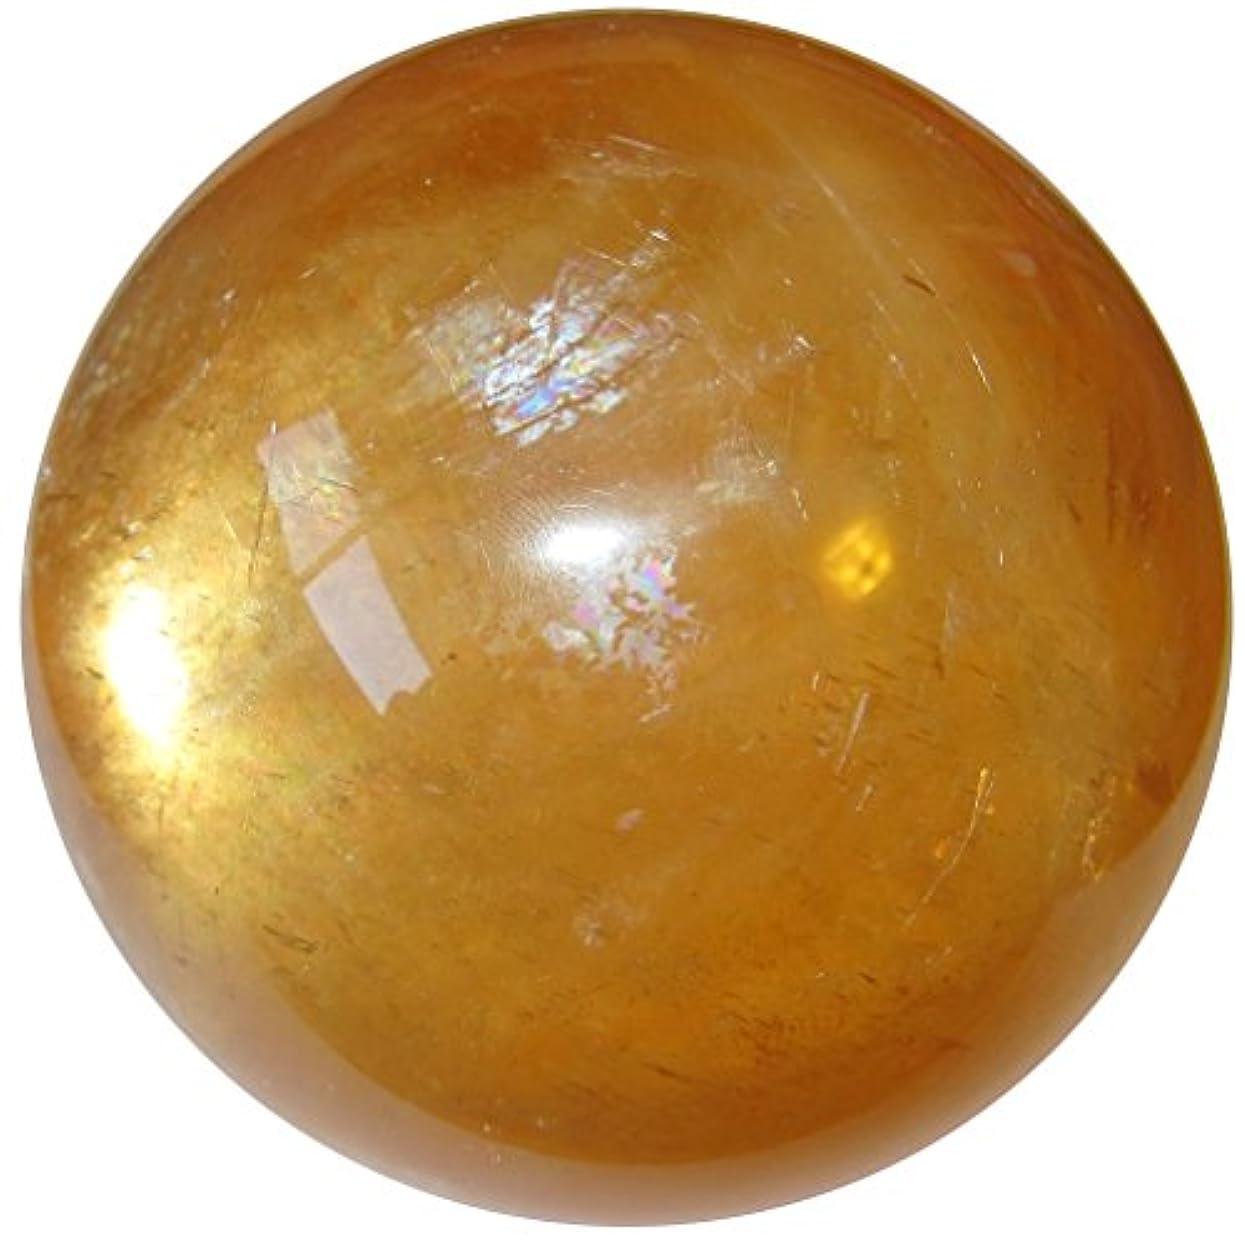 アンプ怒る固体Calciteオレンジボール3.4